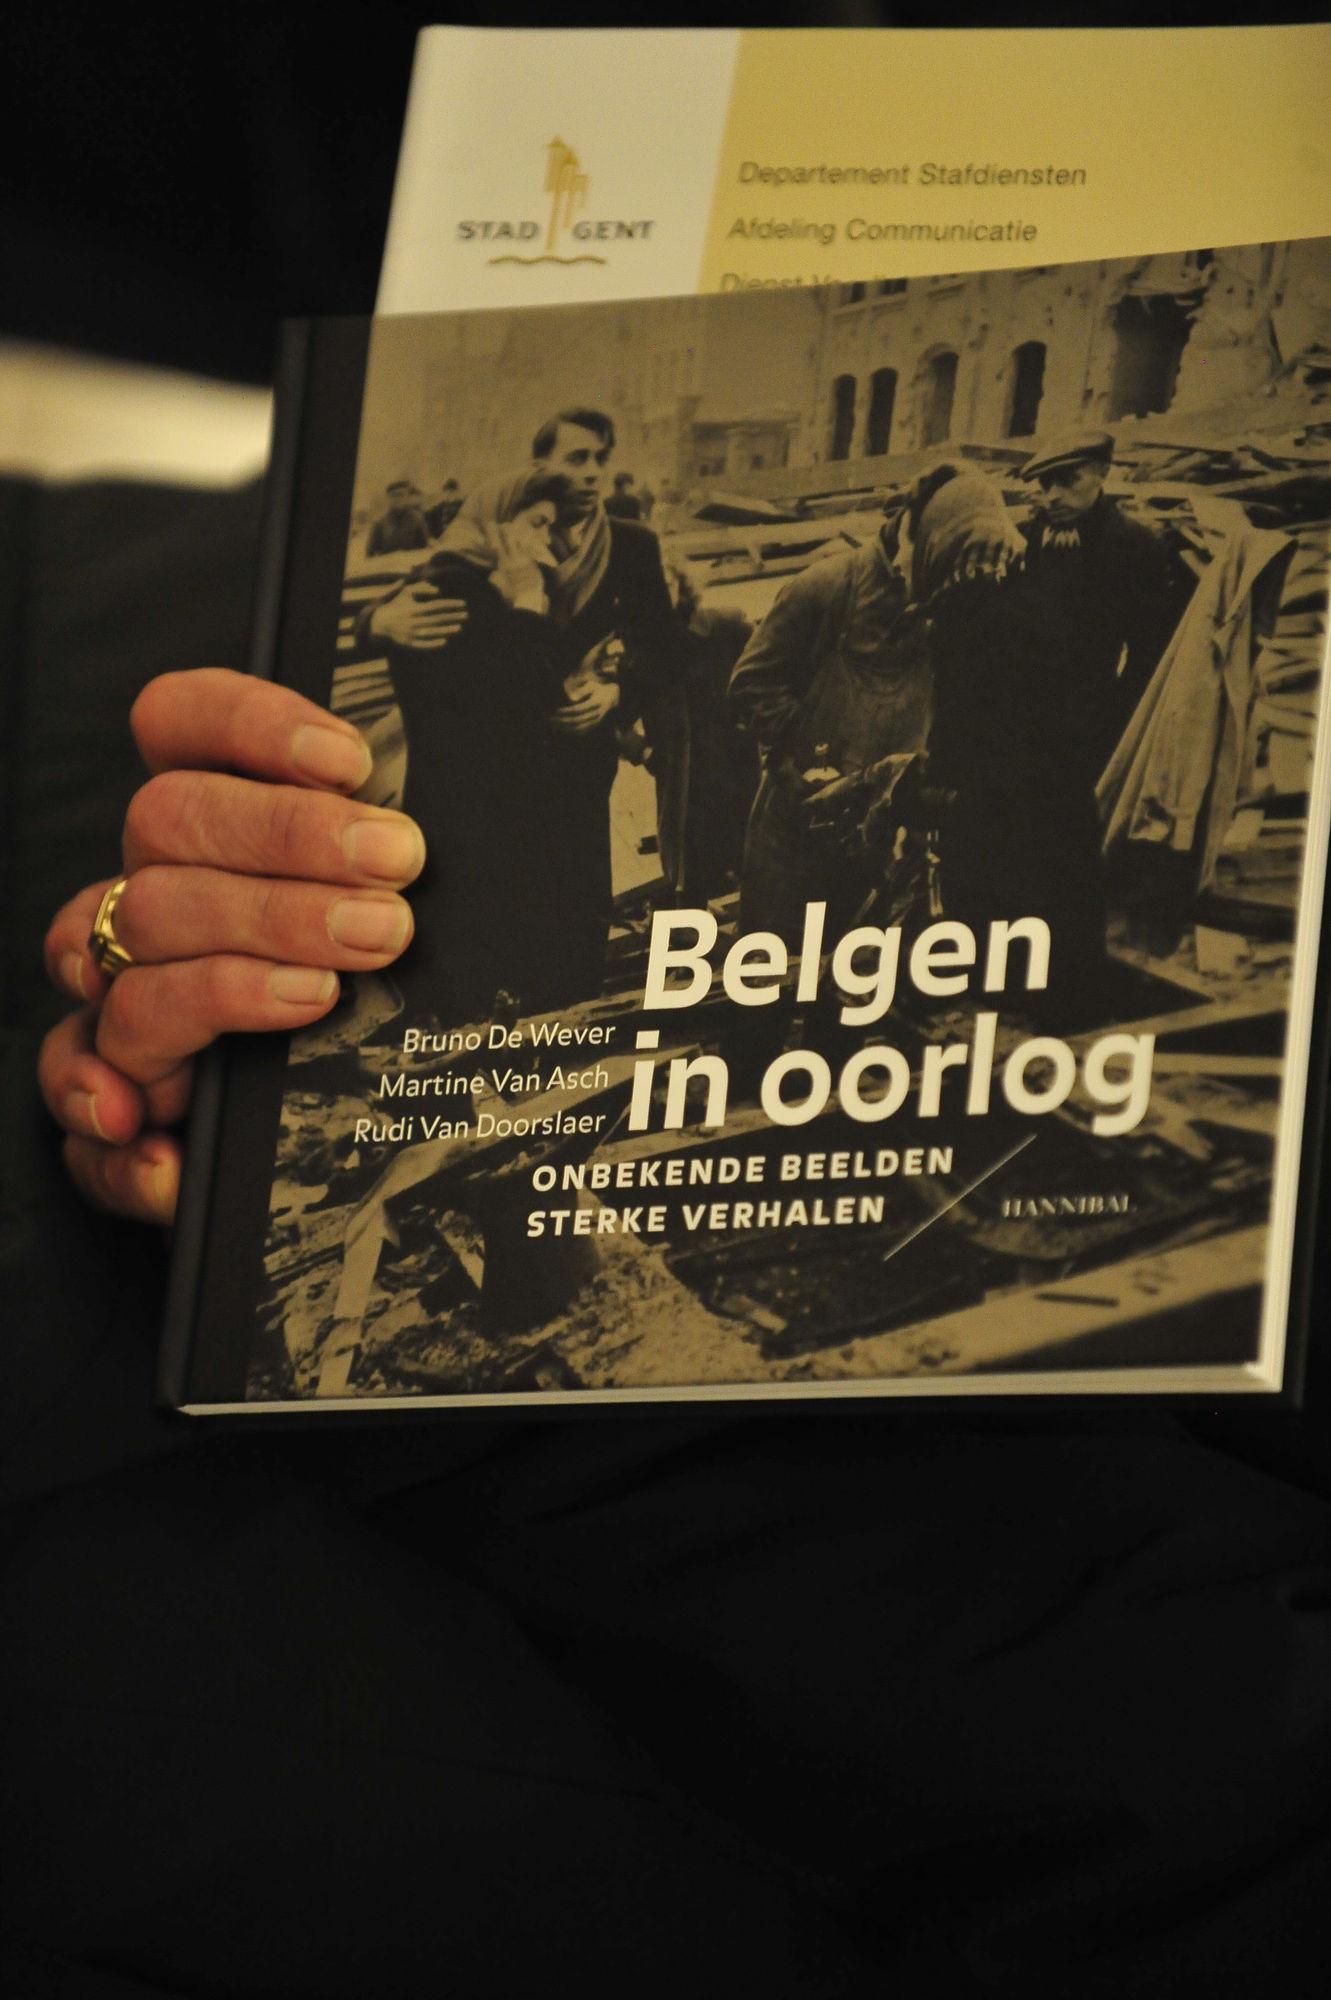 Onbekende beelden, sterke verhalen. Belgen in oorlog 62